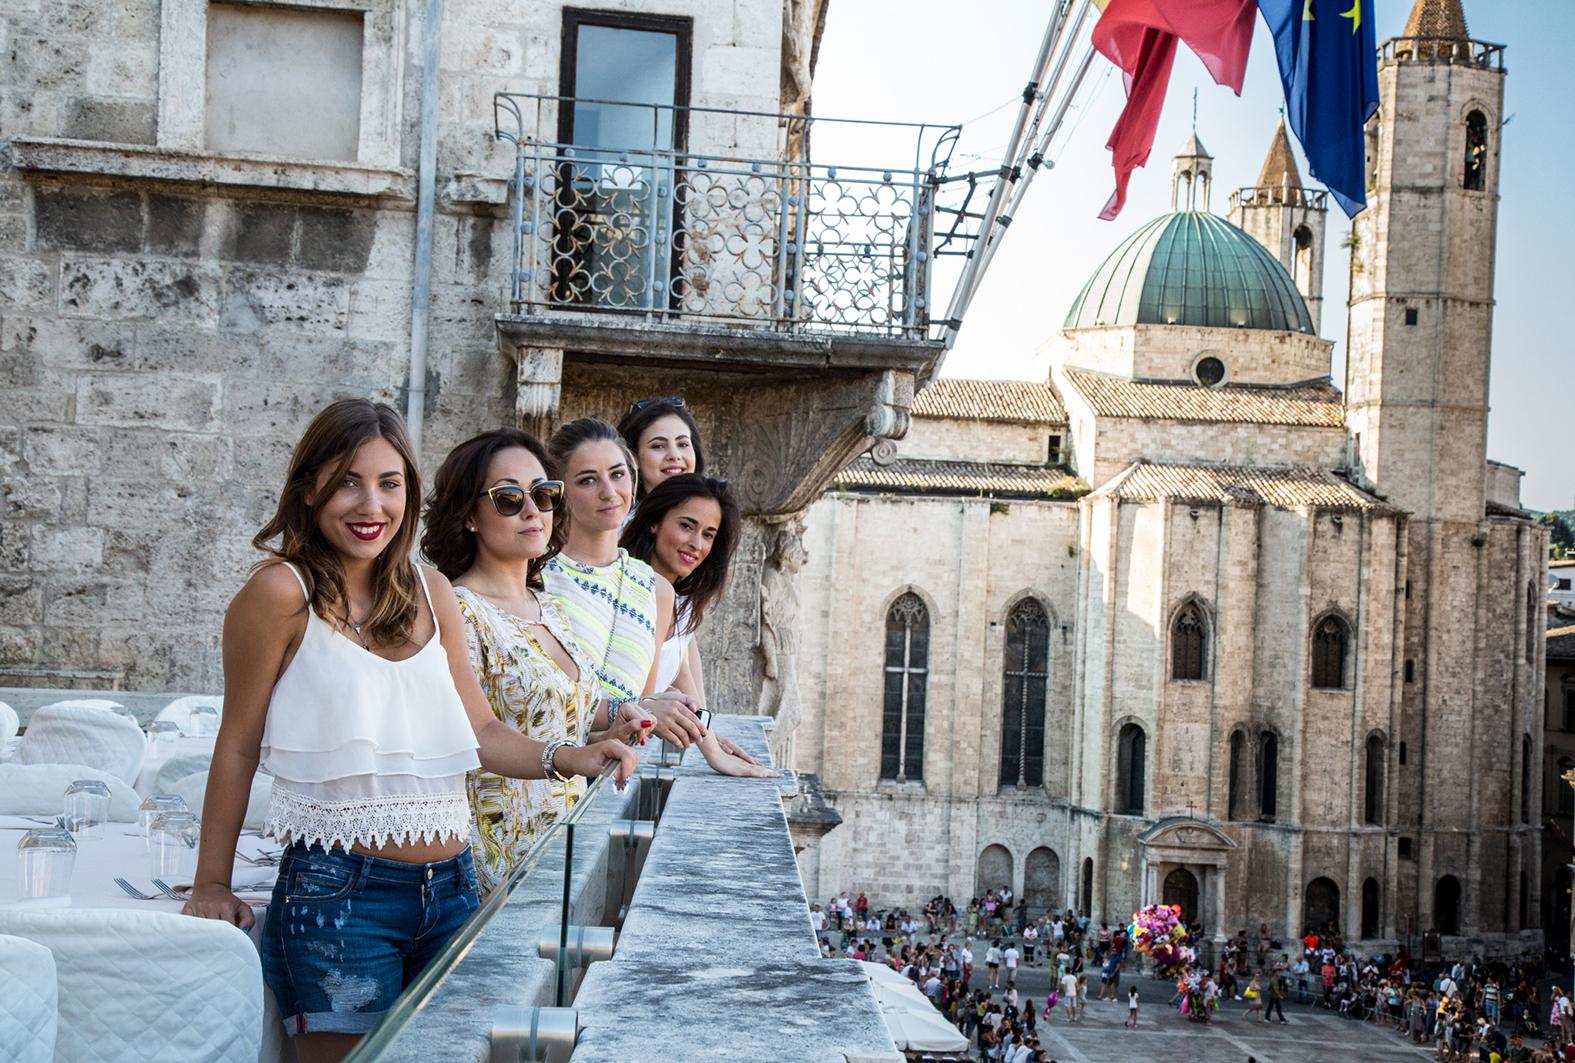 pinktrotters-ascoli-piceno-quintana-tradizione-amiche-blogger